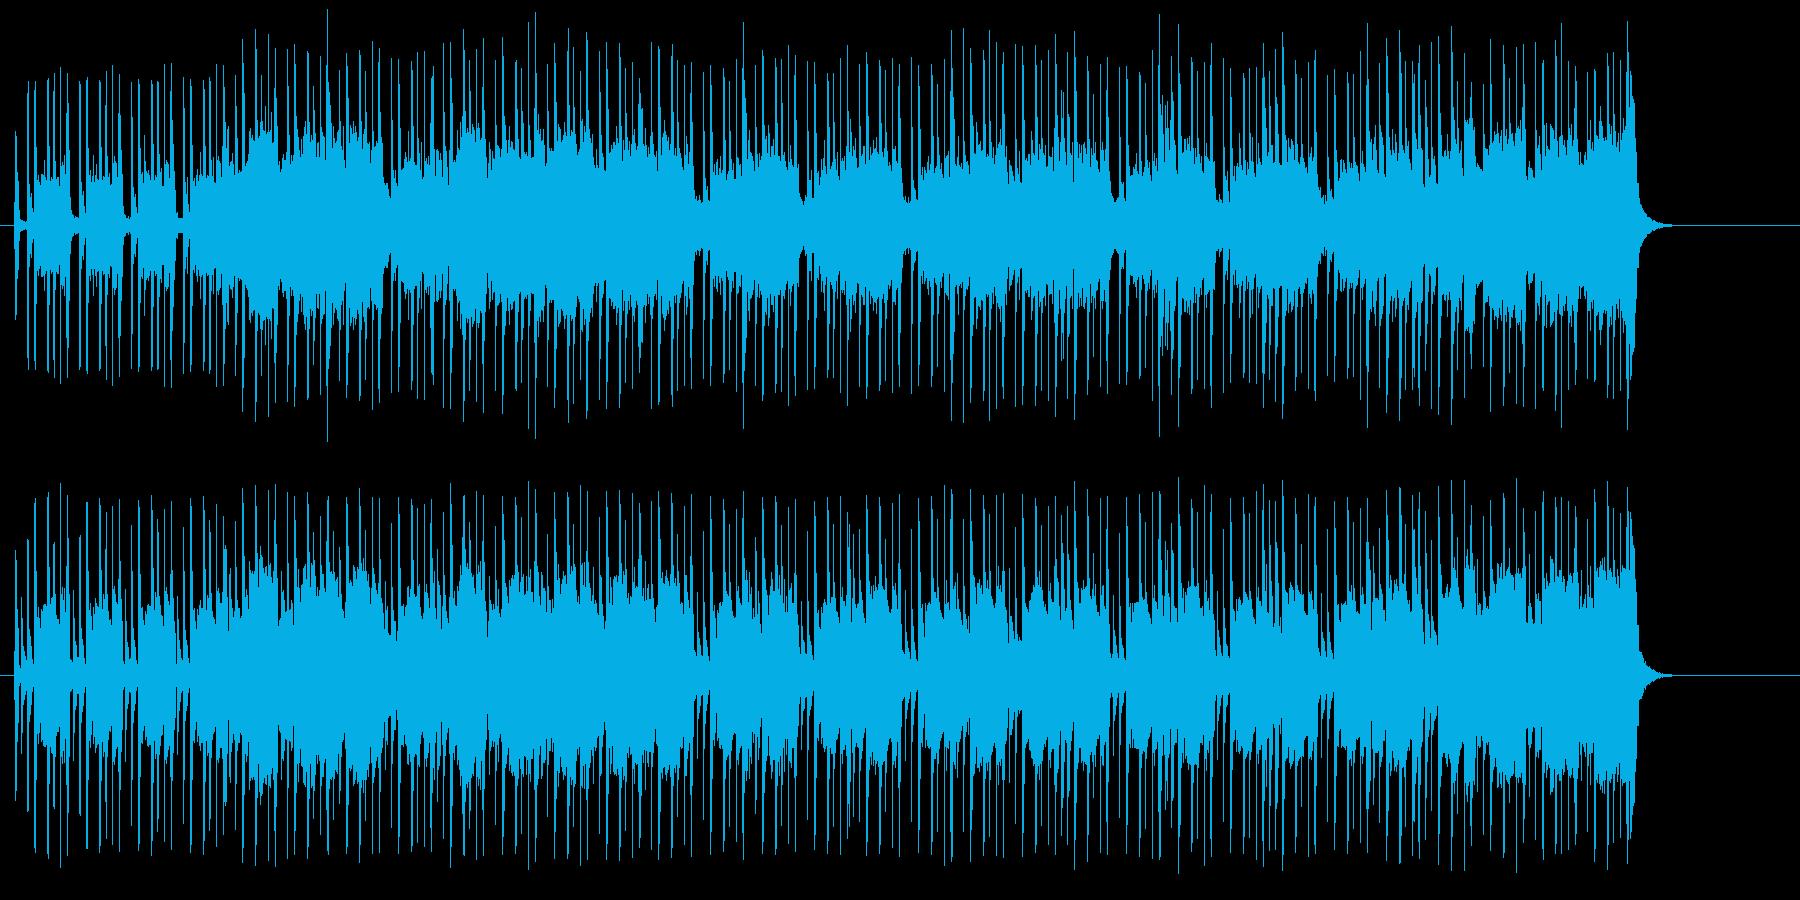 クイズ、情報番組向けのポップスの再生済みの波形